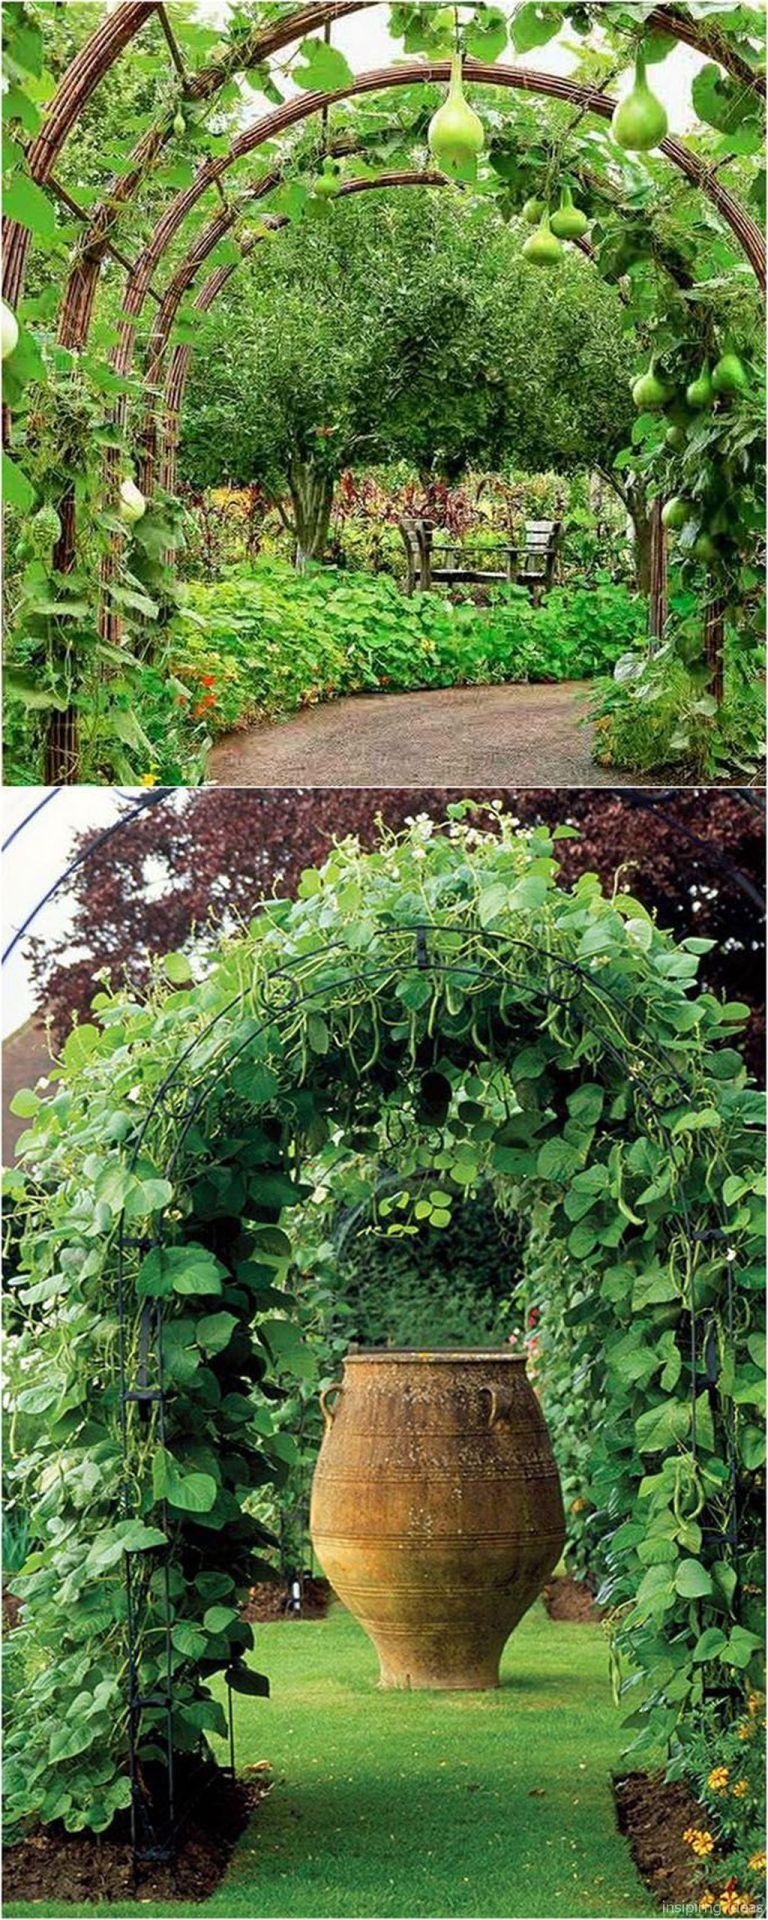 99 beautiful diy pergola design ideas | Pinterest | Gartenideen ...